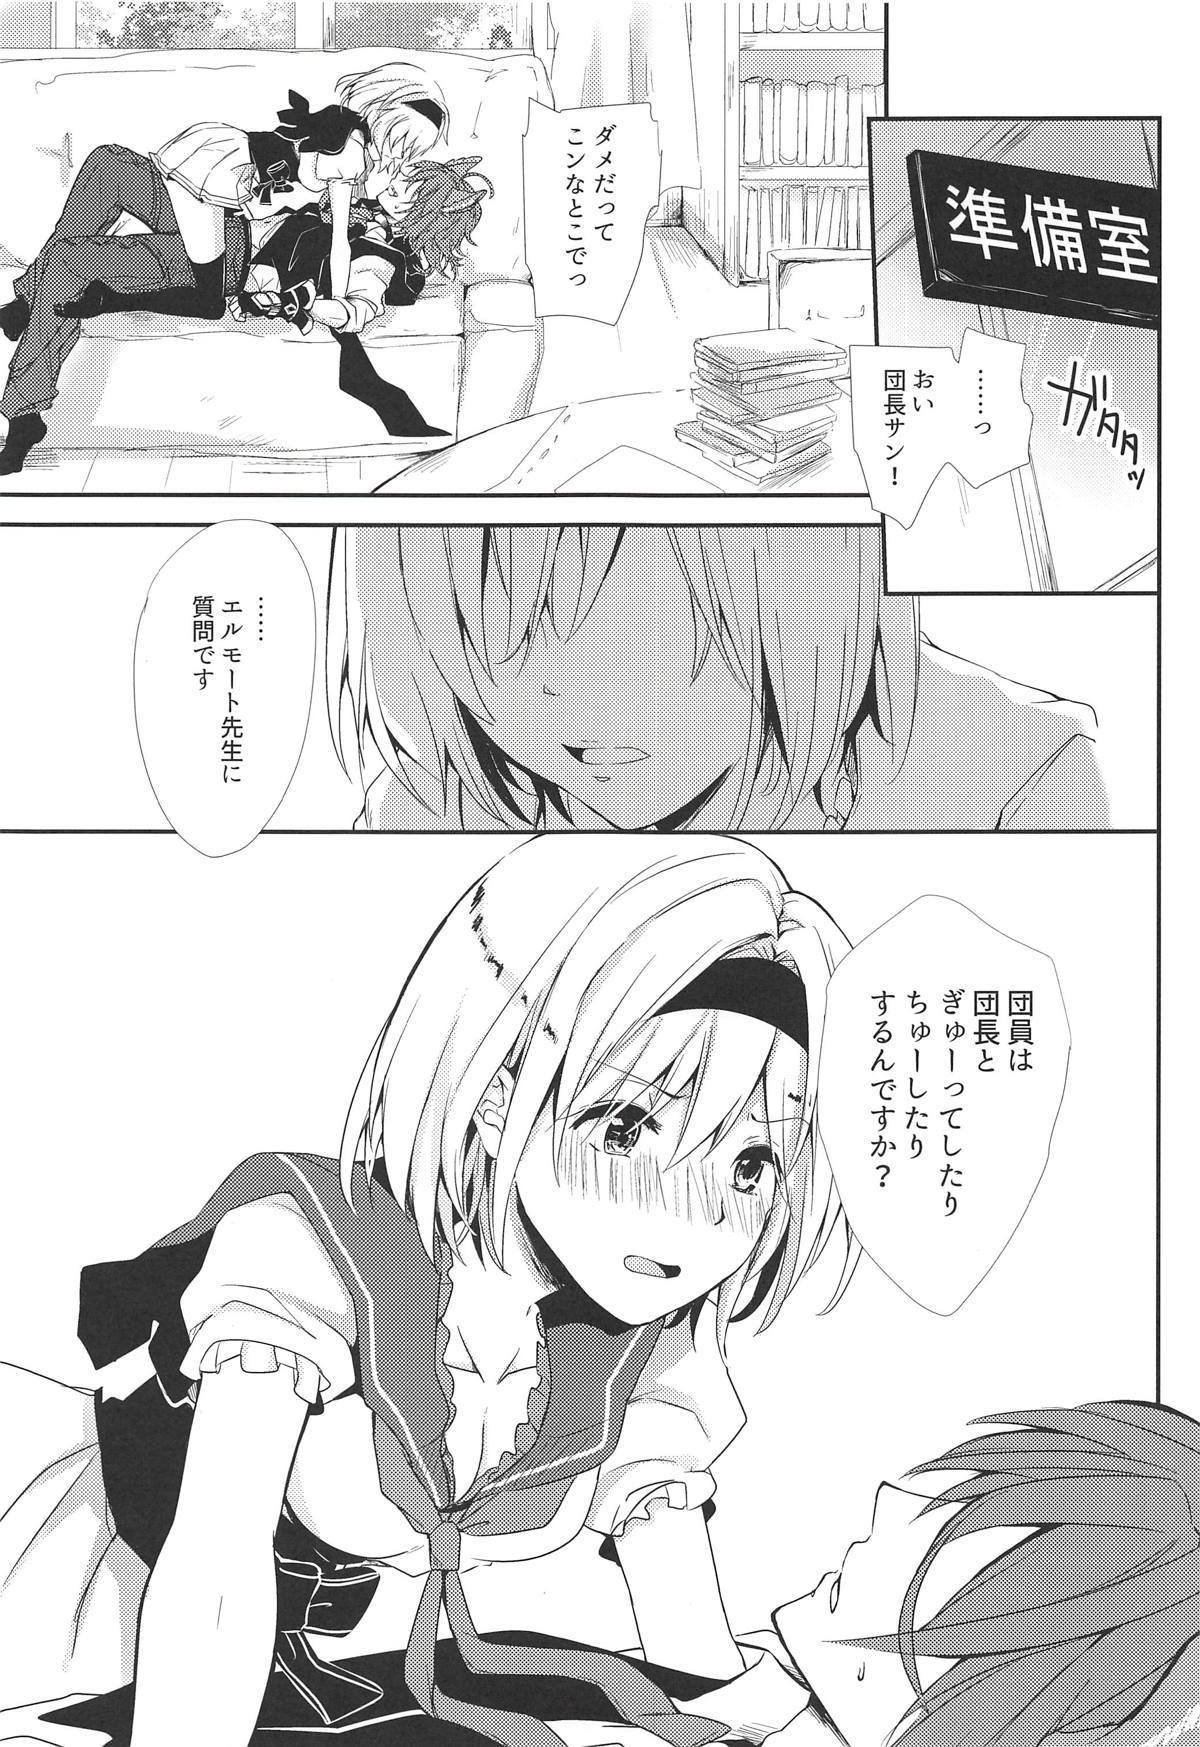 Elmott Sensei, Shitsumon desu! 3